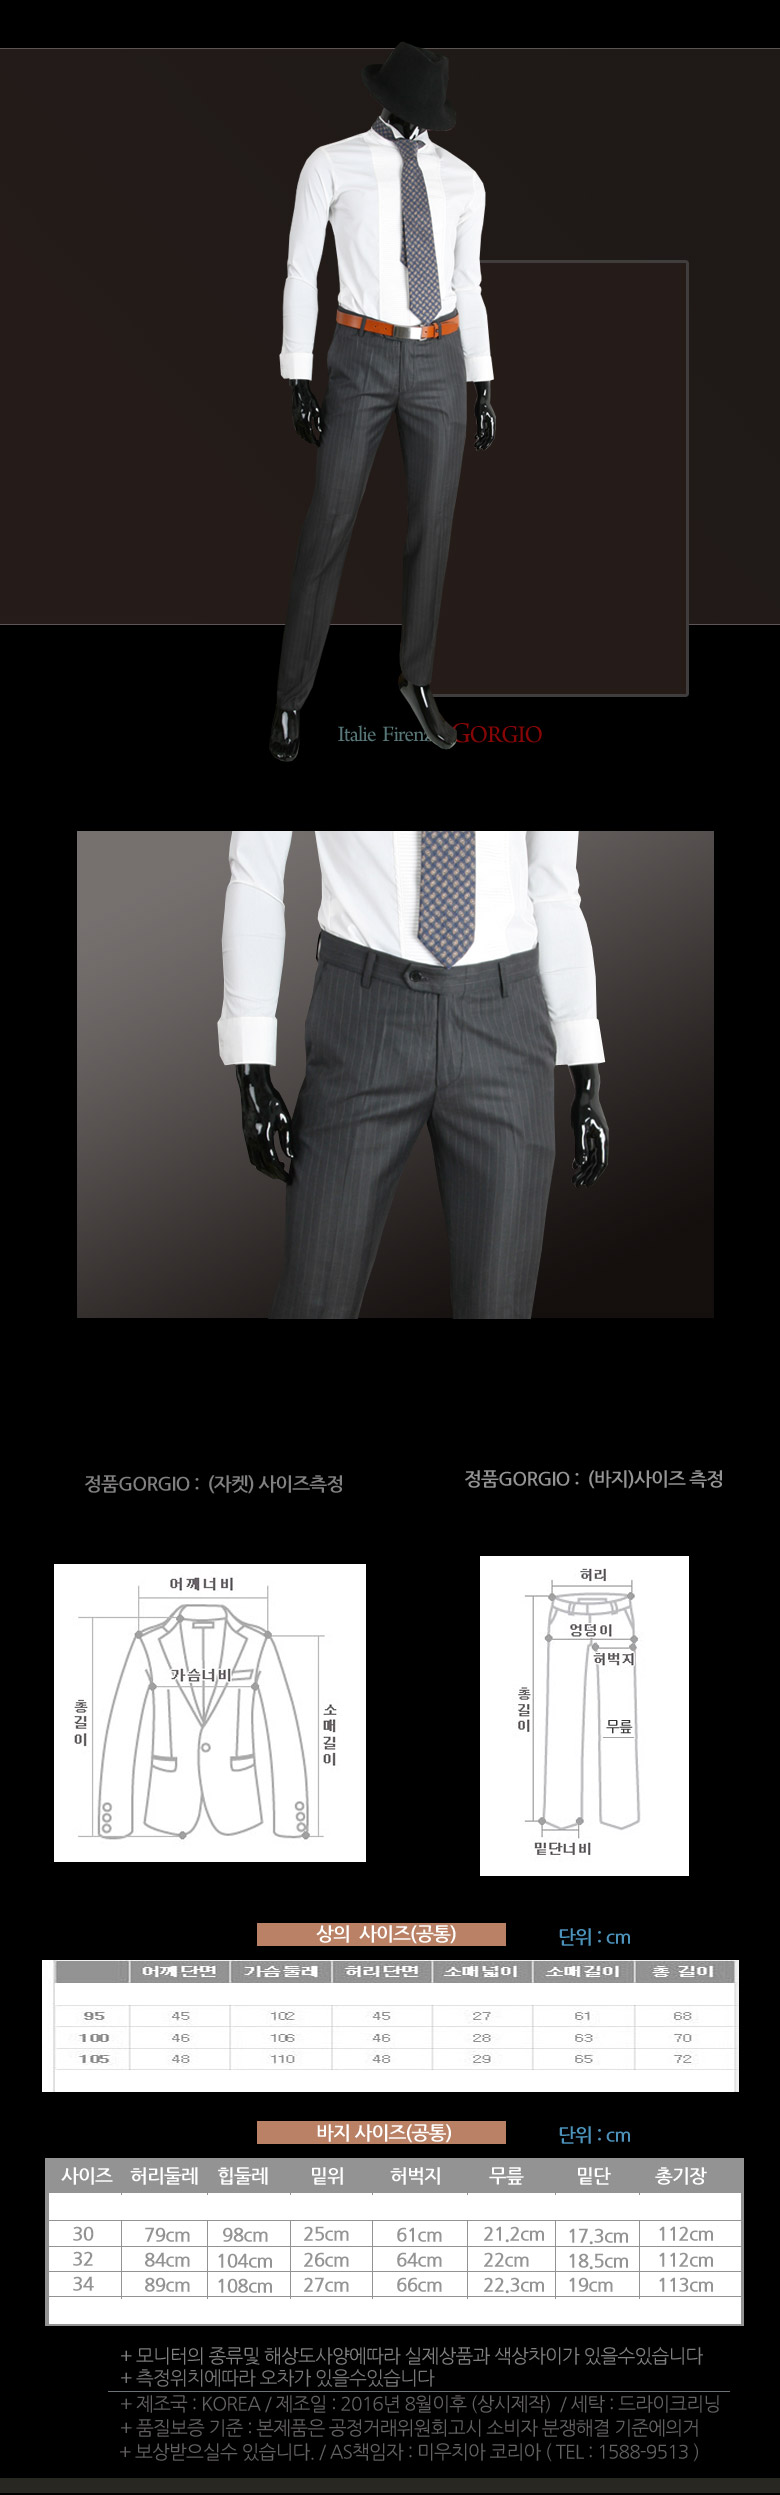 남성정장추천 Men's Suits 男性のスーツ 男士西裝